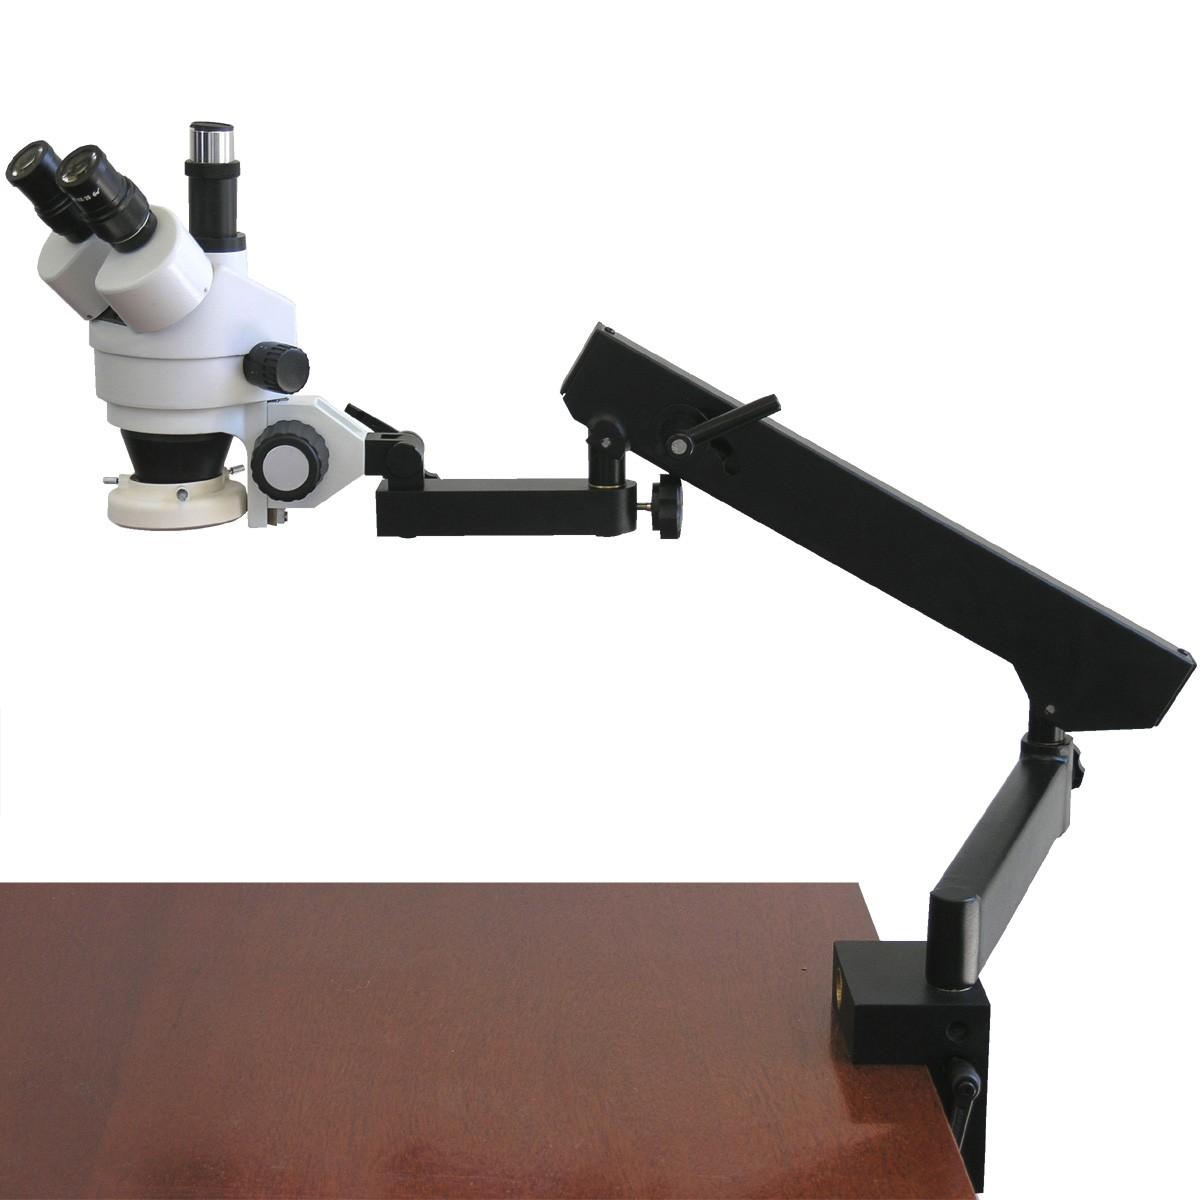 میکروسکوپ بزرگنمایی سه بعدی 3.5X-90X